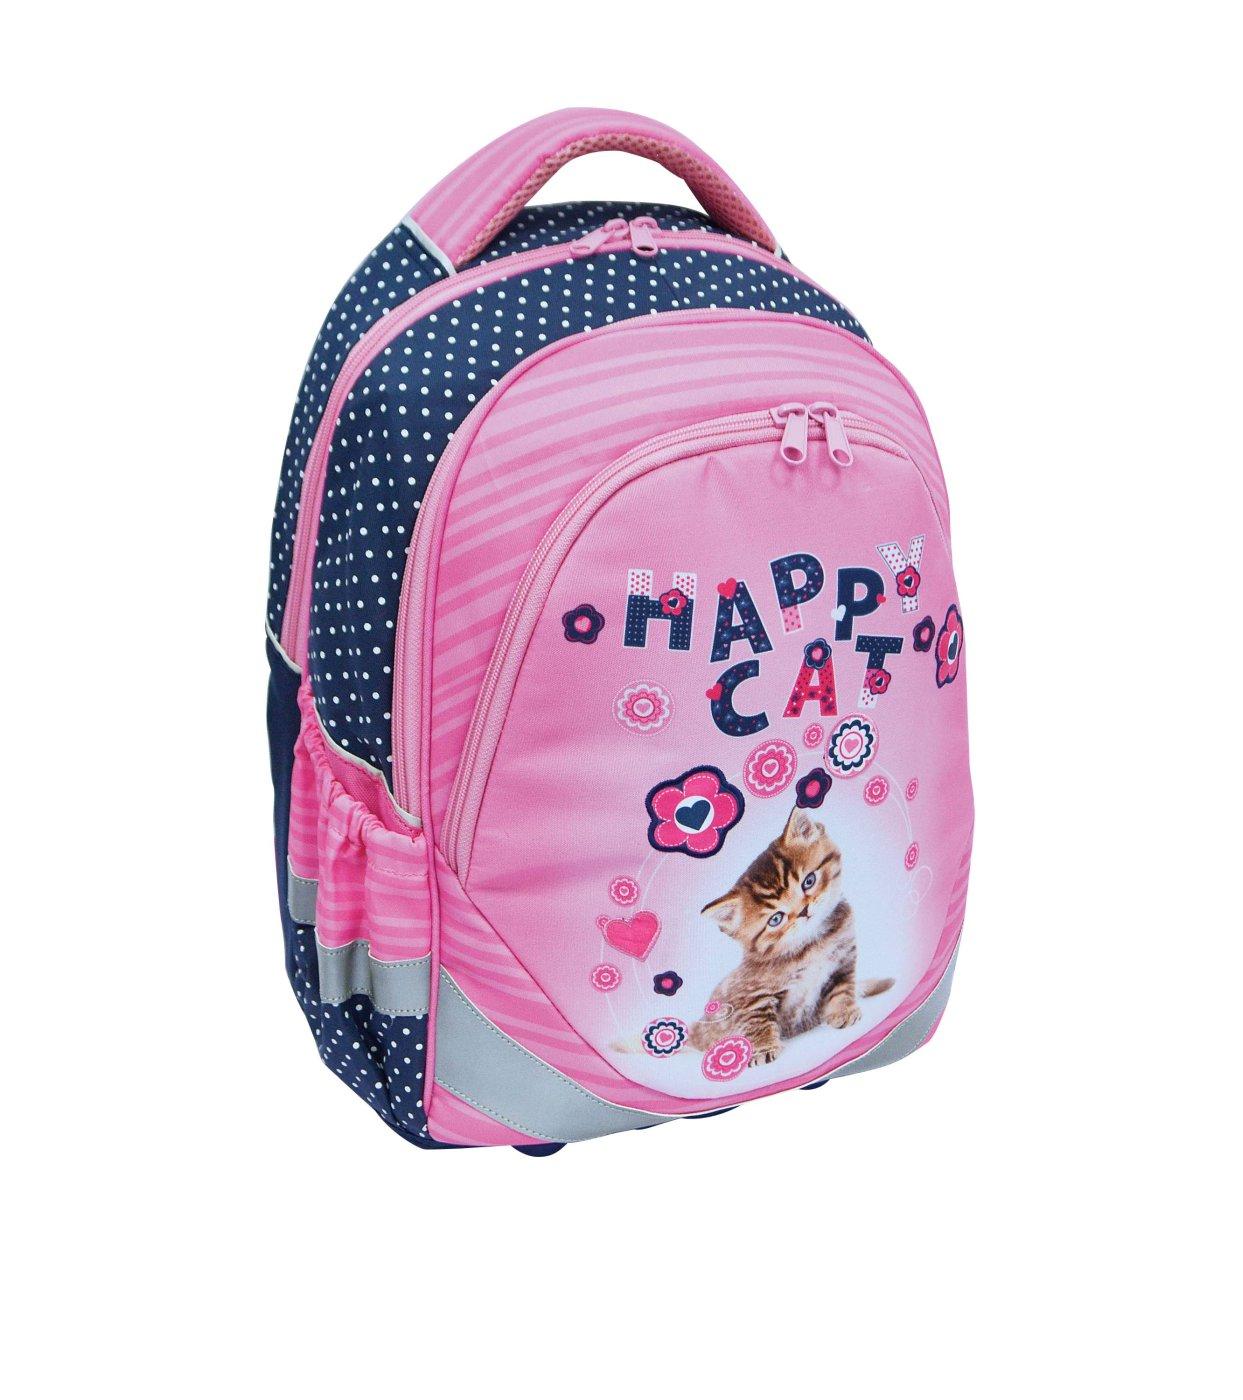 709d9b08acd Školní batoh ERGO JUNIOR kočka - Školní potřeby » BATOHY A AKTOVKY ...